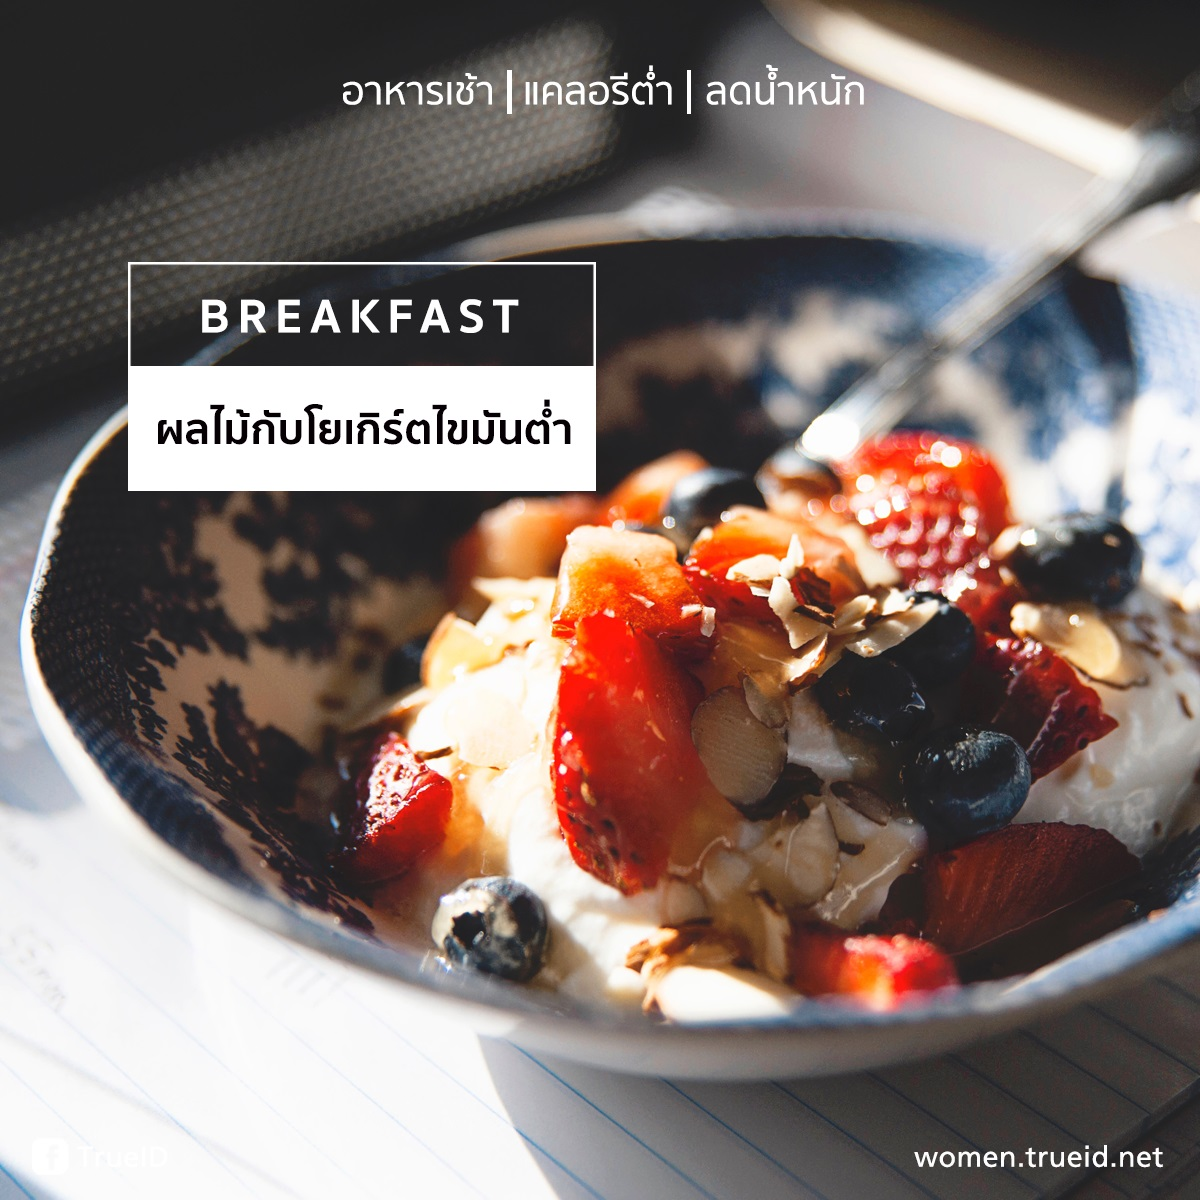 12 อาหารเช้า สำหรับคนลดหุ่น คุมน้ำหนัก แคลอรีต่ำ แถมหากินง่าย!